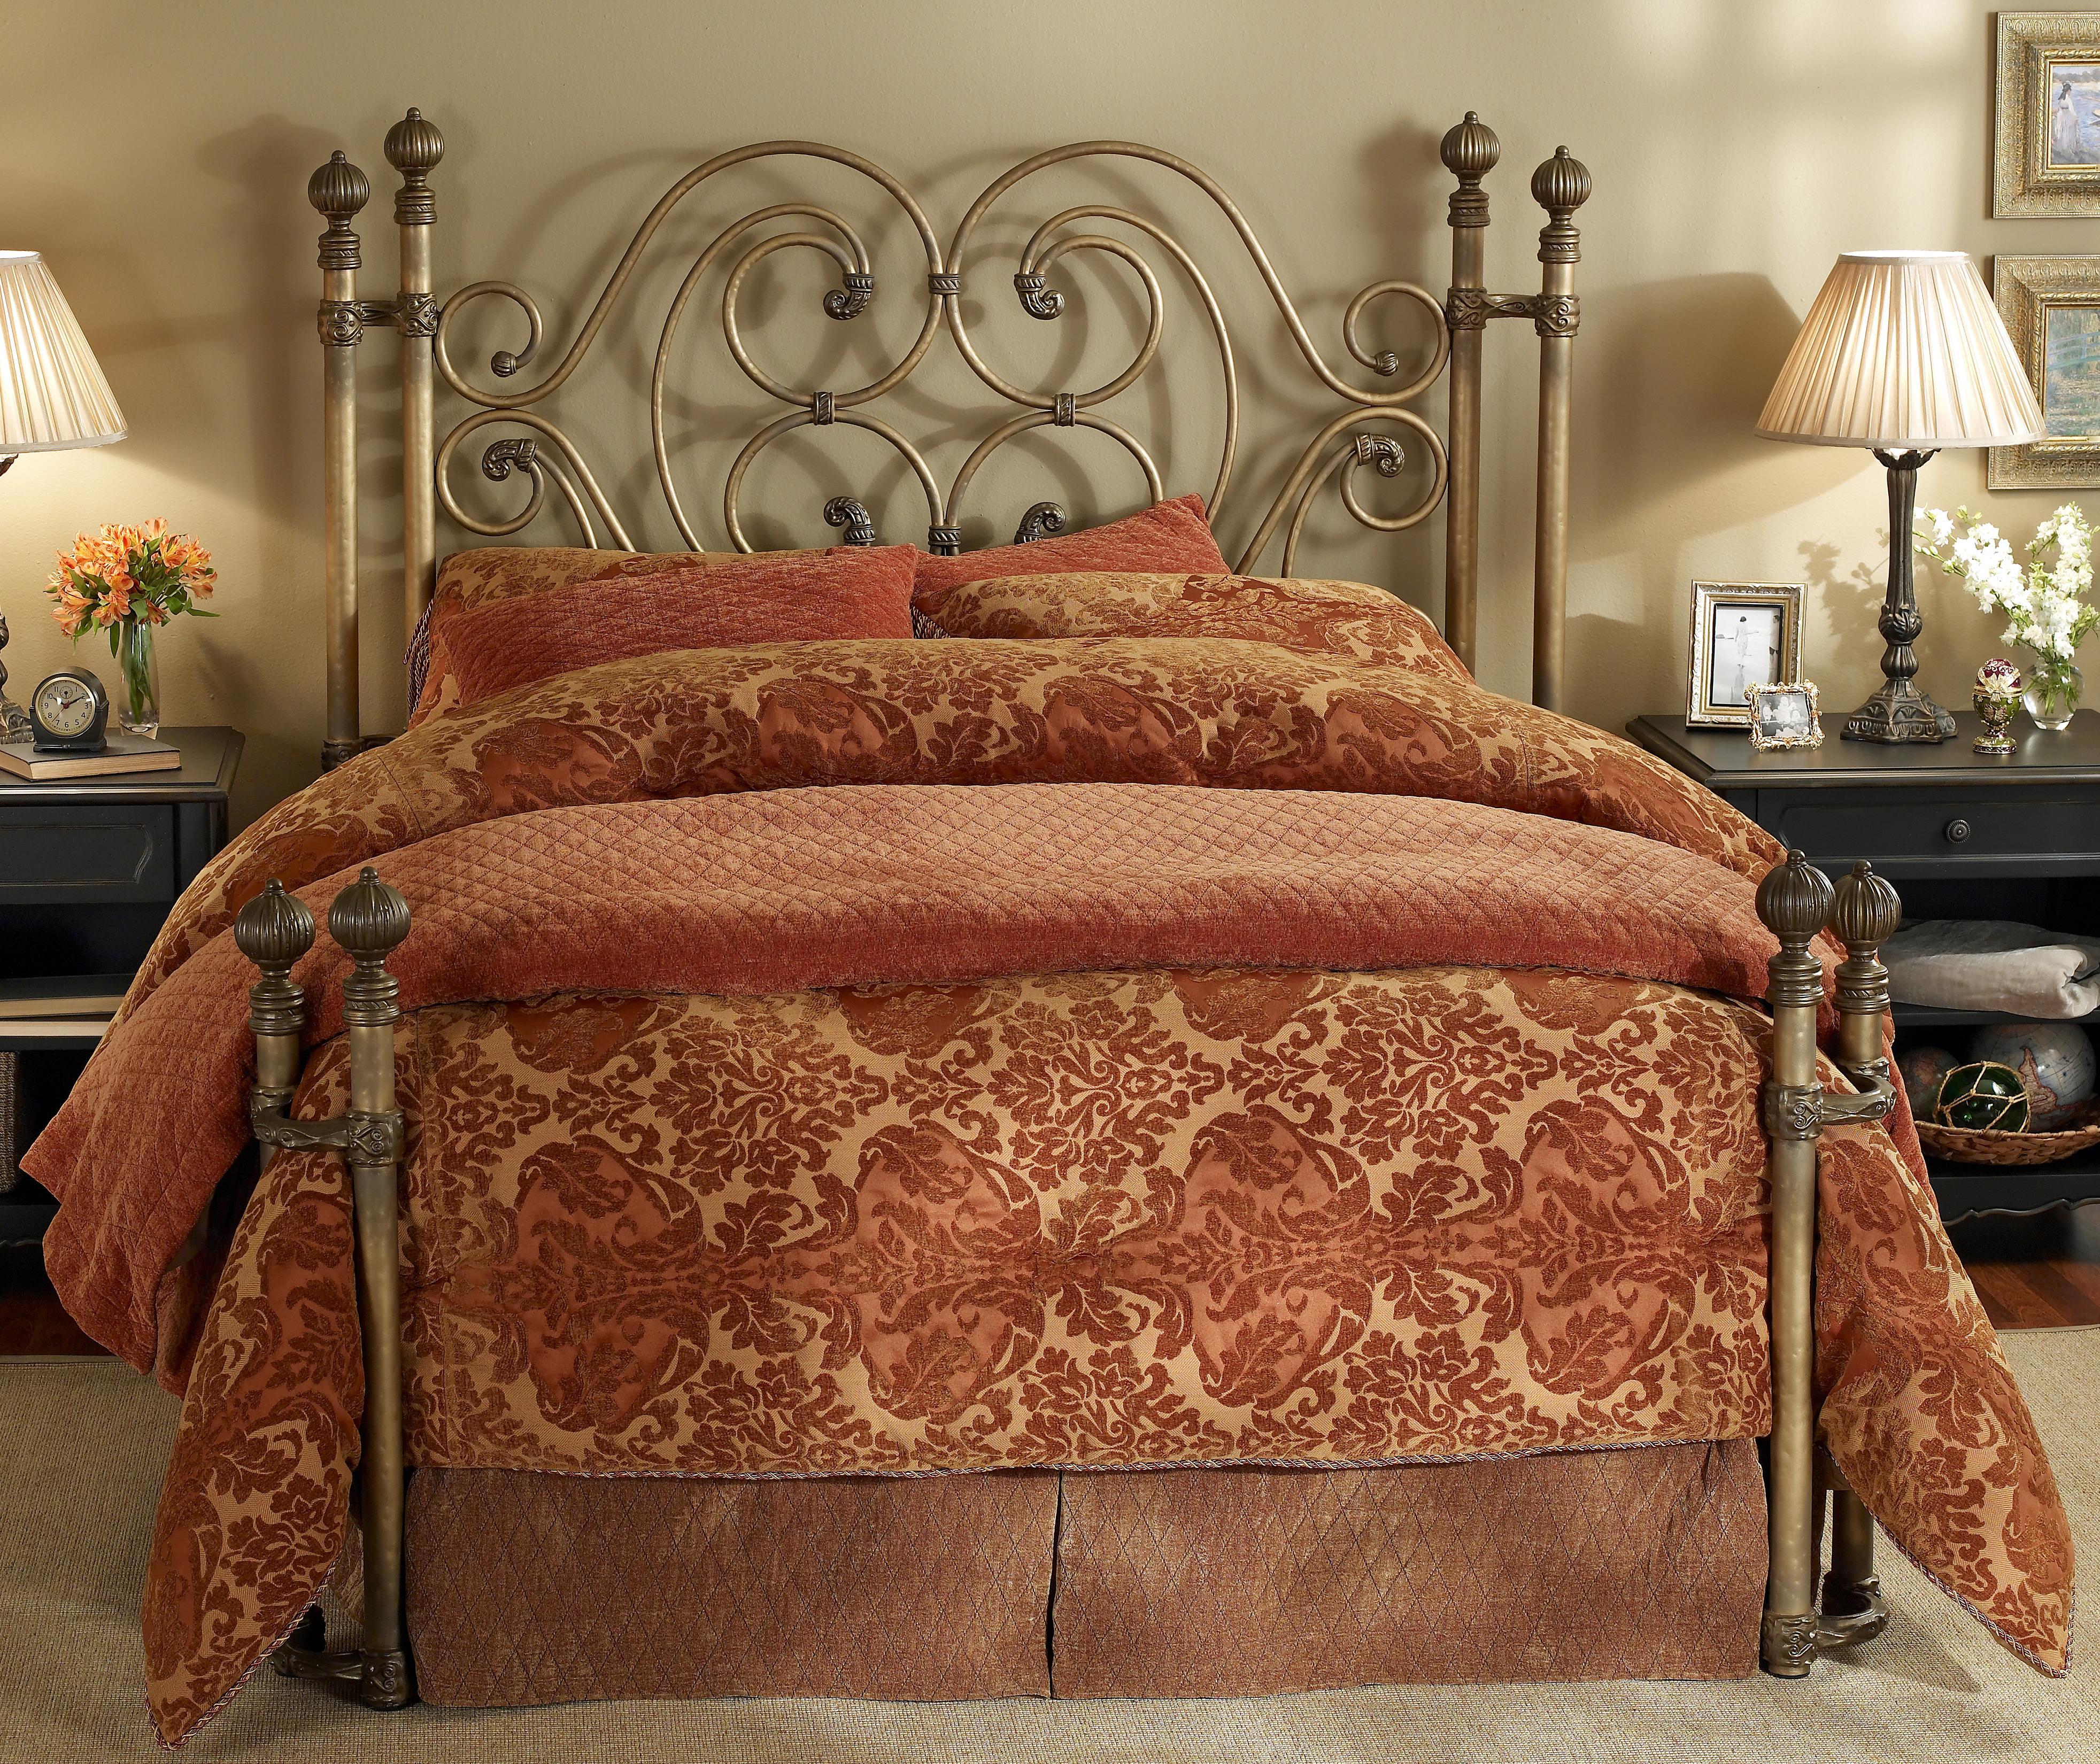 Wesley Allen Iron Beds King Alhambra Iron Headboard Bed - Item Number: HOFRP1367K